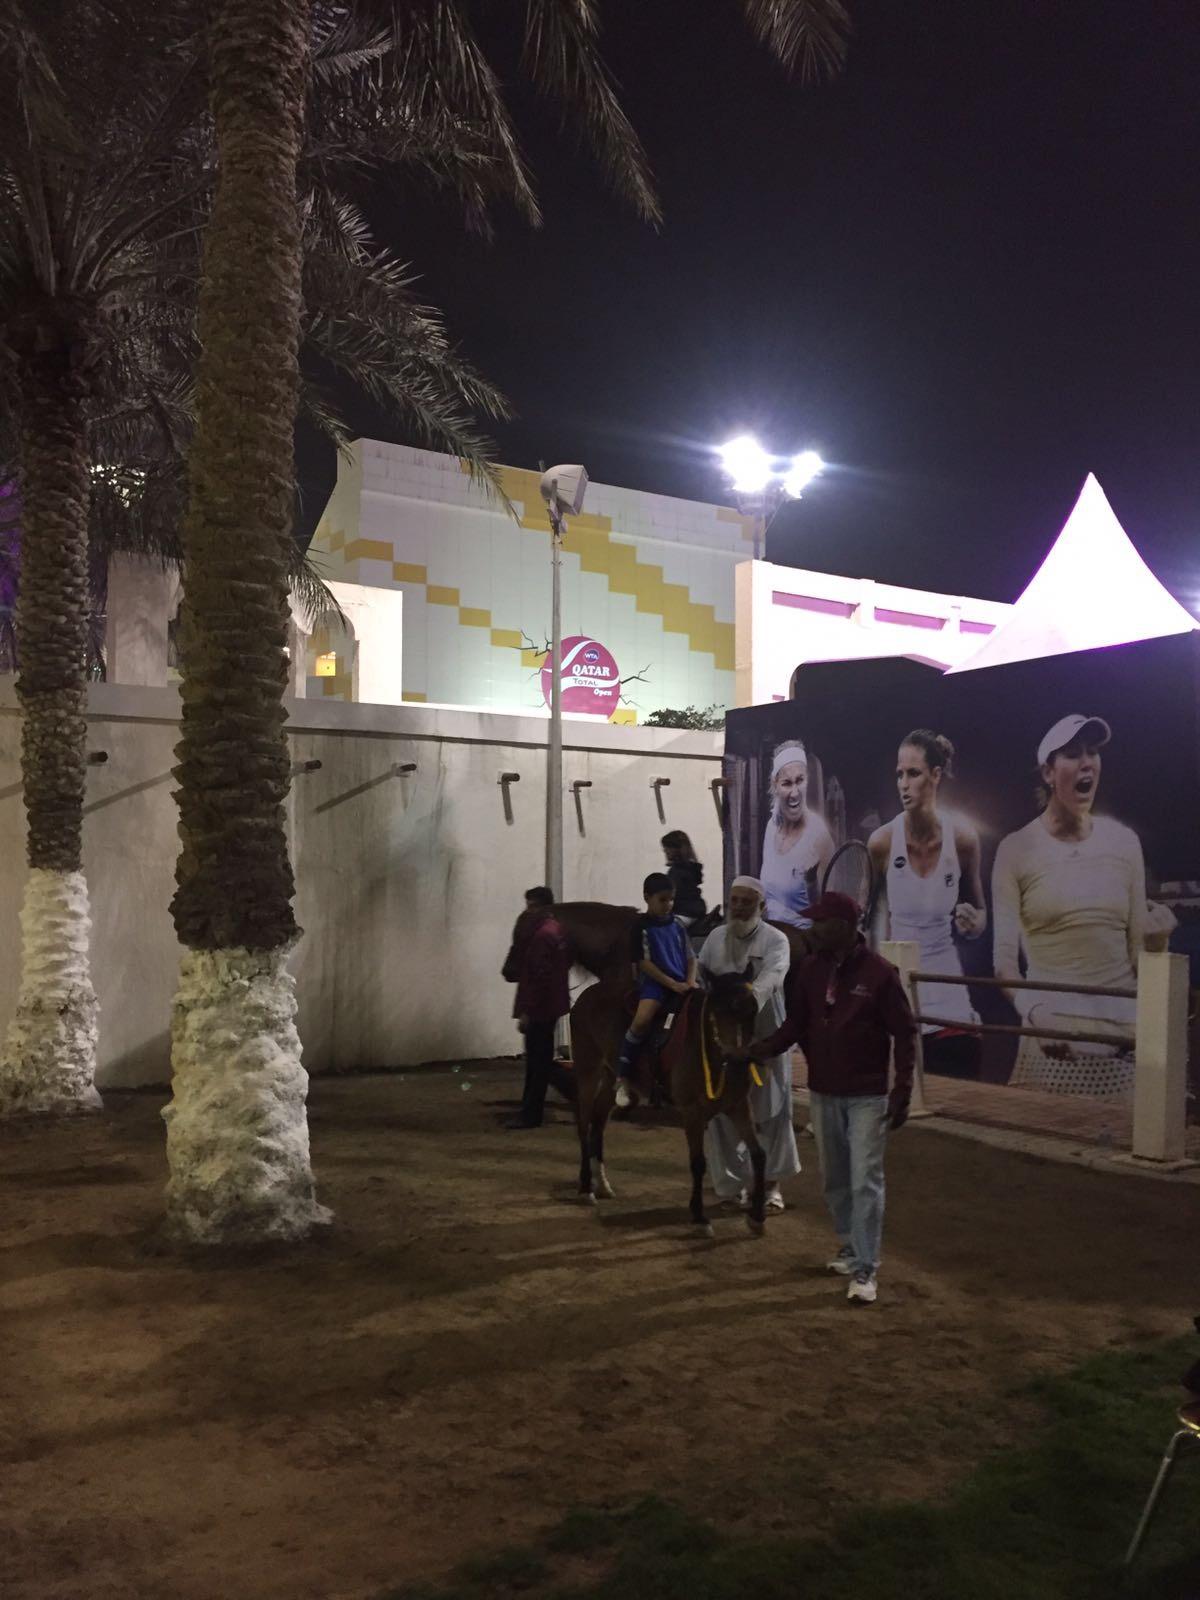 Kinder können auf der Turnieranlage auf kleinen Araber-Pferden reiten.